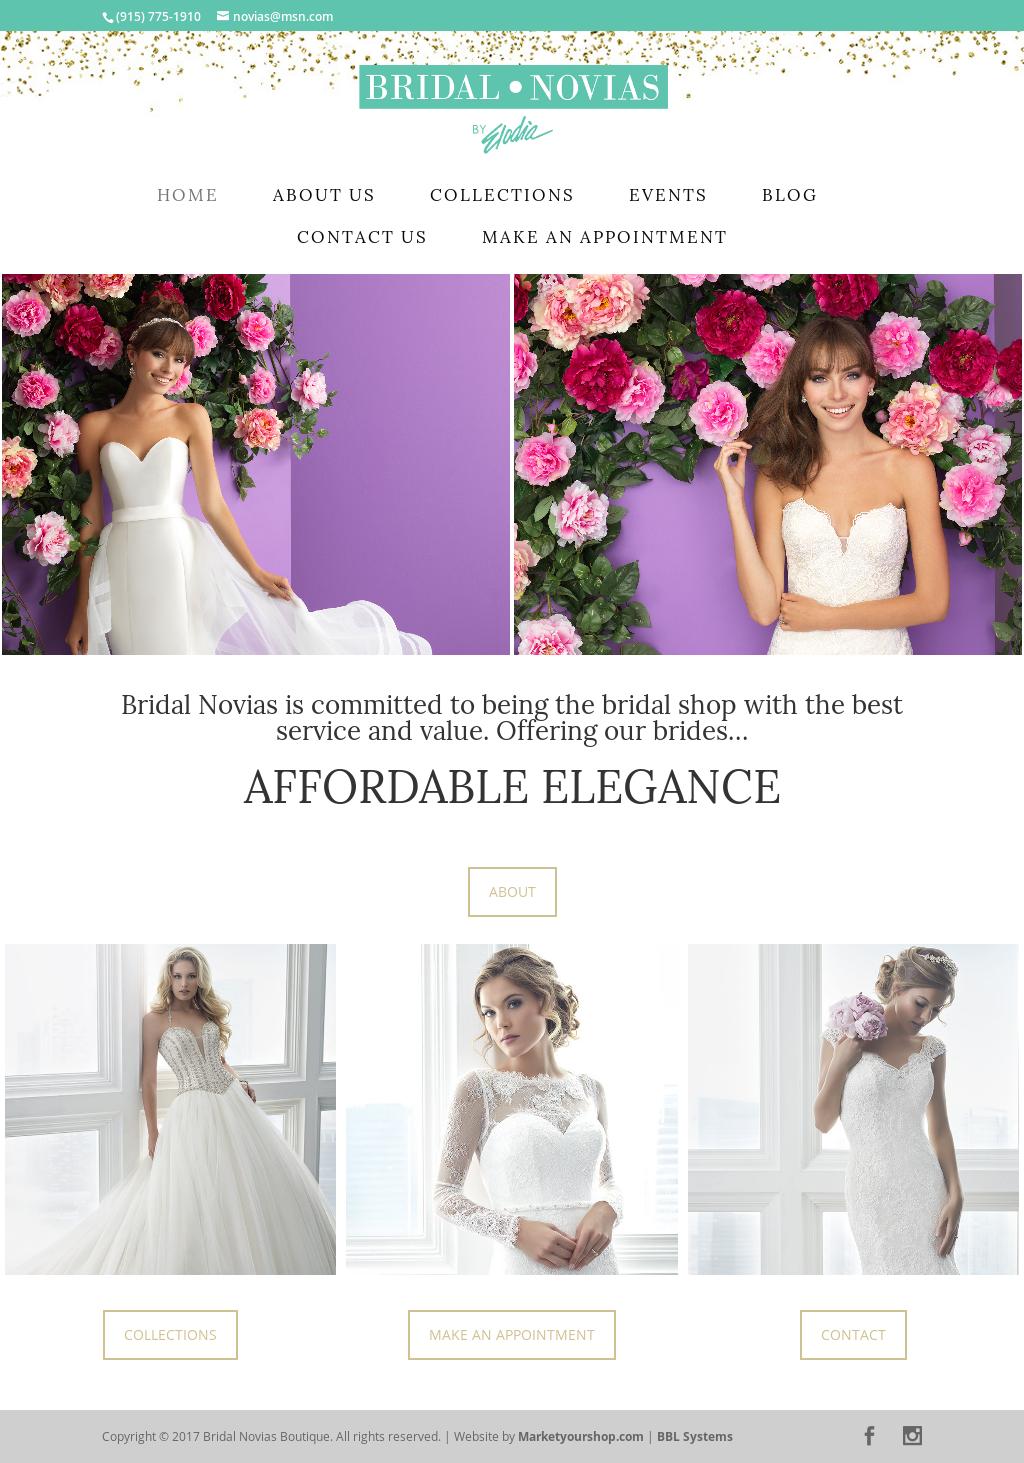 f18989751a Bridal Novias Competitors